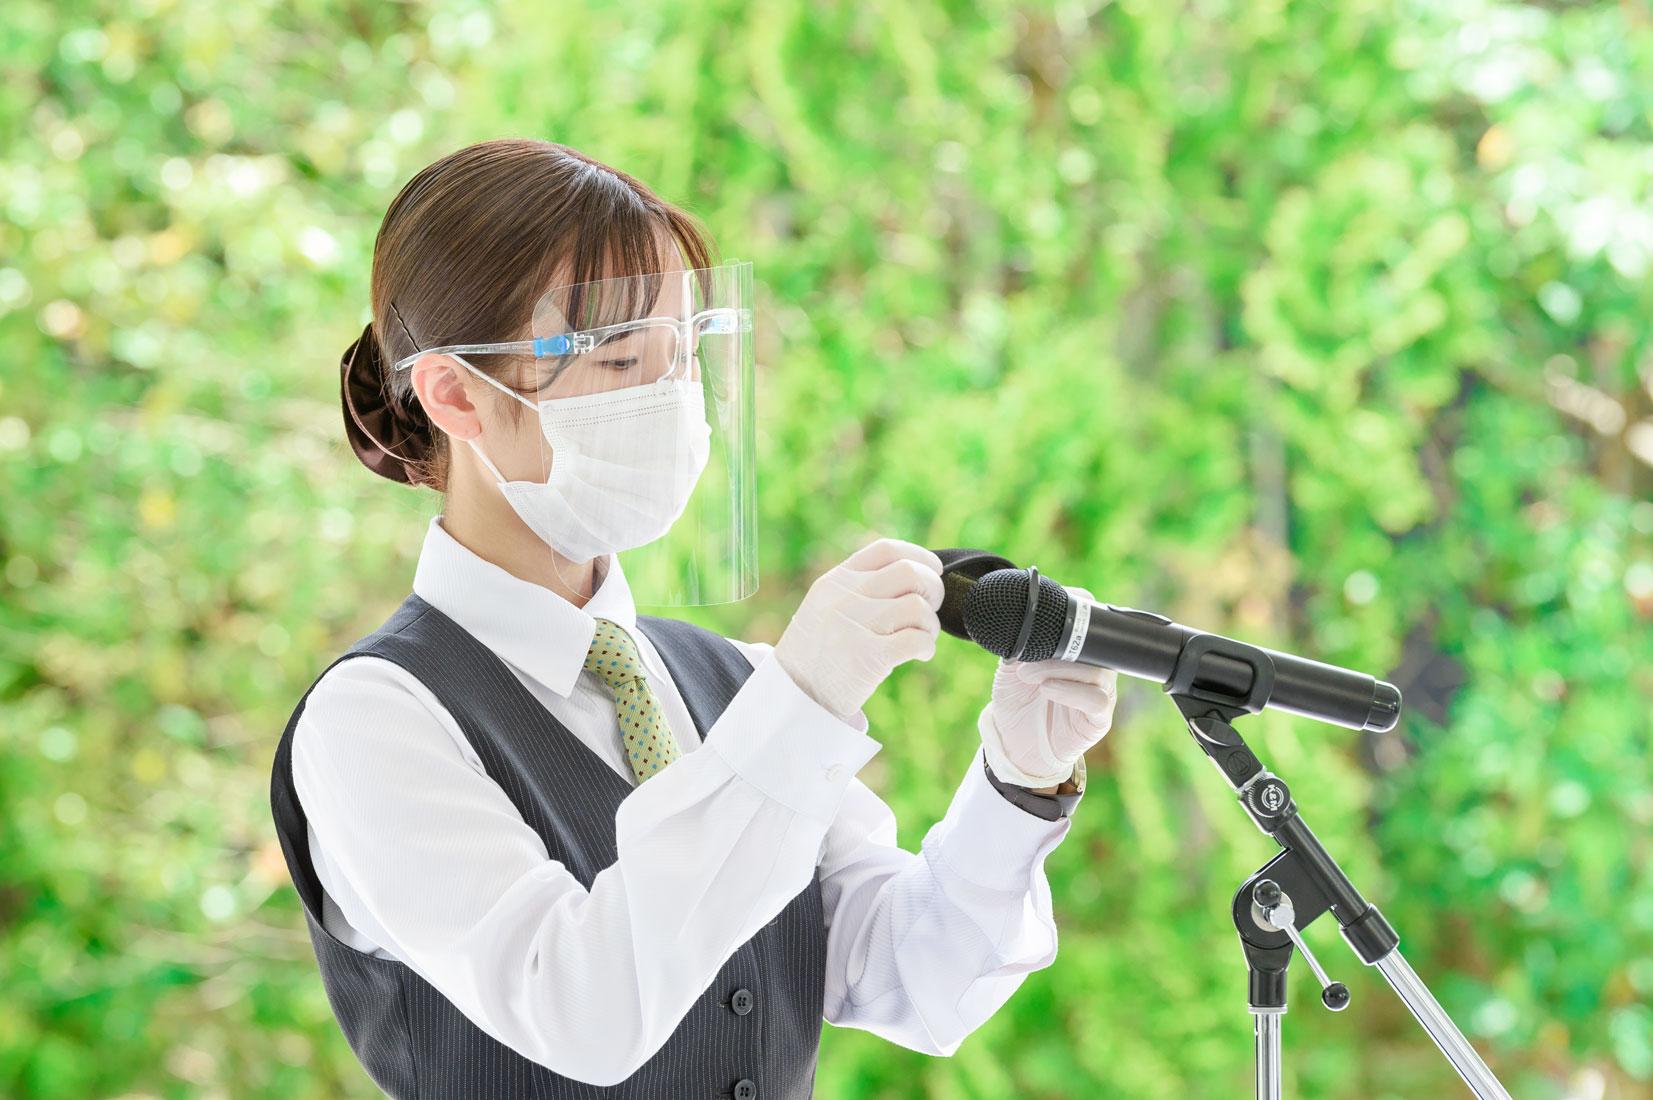 コロナウイルス対策写真イメージ